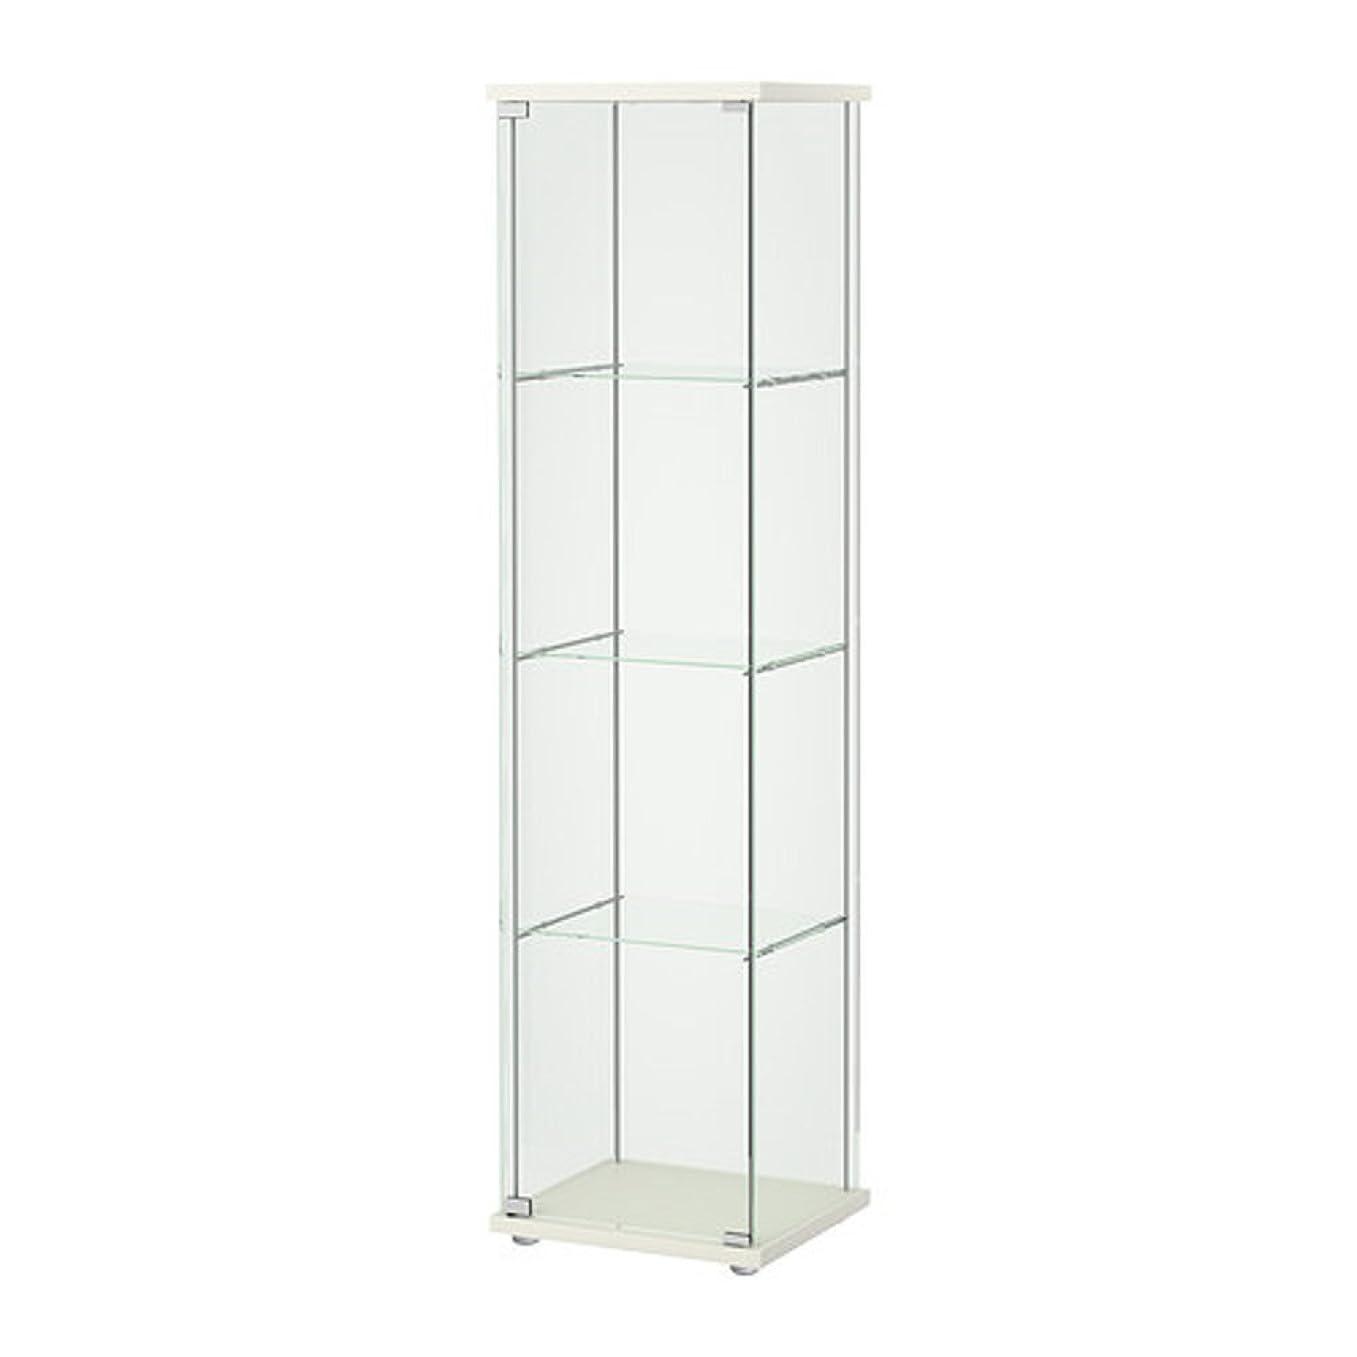 自分を引き上げる繰り返したマンモスIKEA/イケア DETOLF/デトルフ ガラス扉キャビネット43x163 cm ホワイト 203.540.43